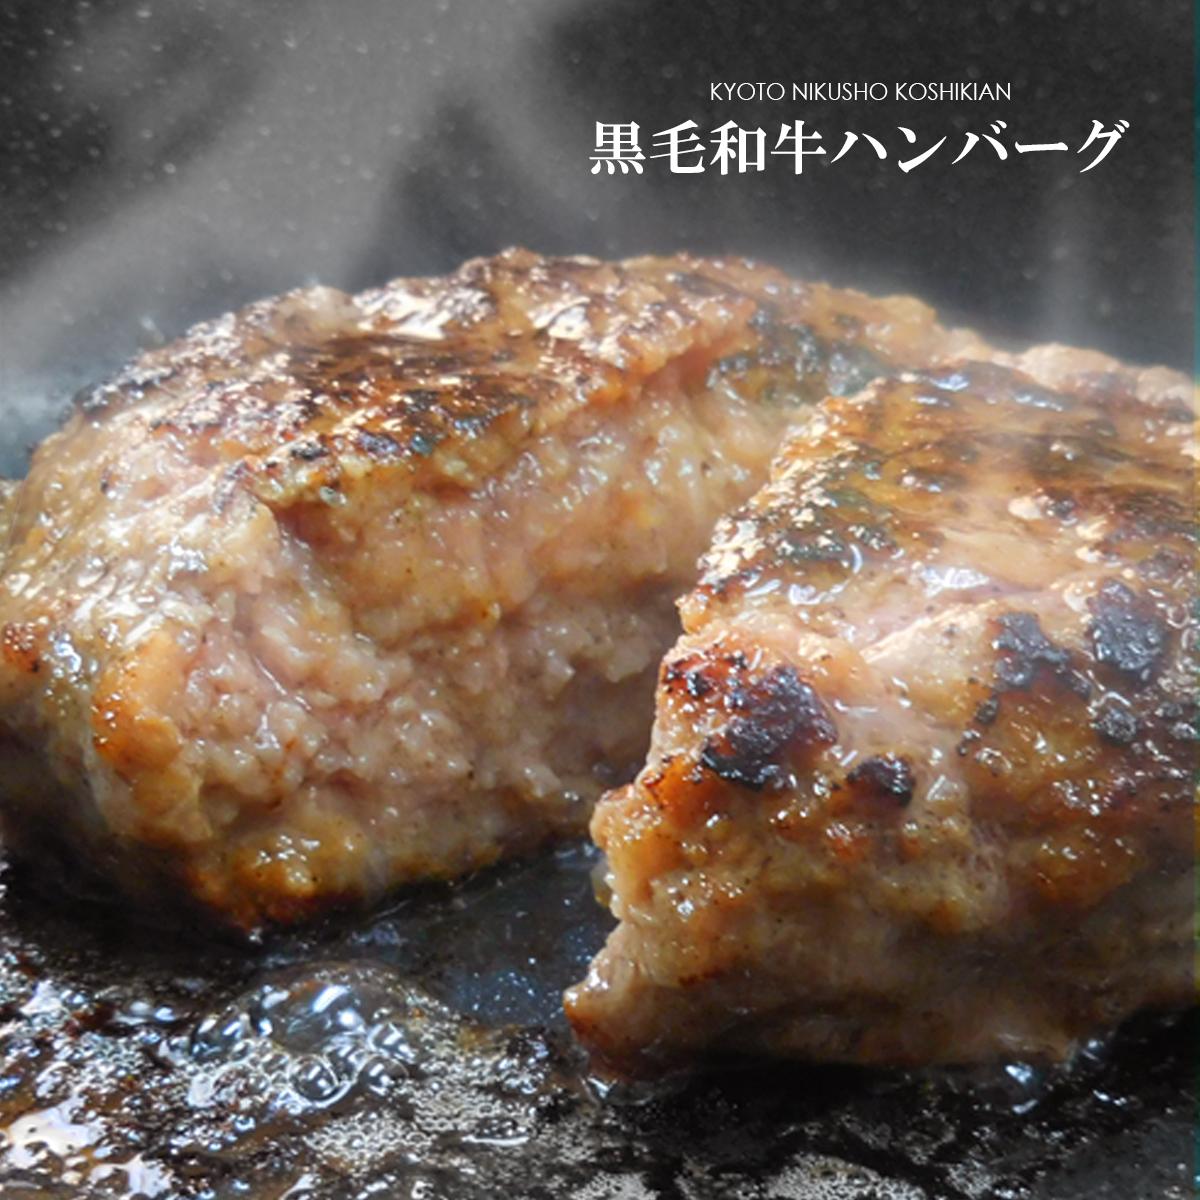 肉汁じゅわっとあふれる贅沢ハンバーグ 同梱可 九州産黒毛和牛100%使用 手作りハンバーグ 150g×1個 贈答 セール開催中最短即日発送 最新アイテム 内祝い 誕生日 ギフト 牛肉